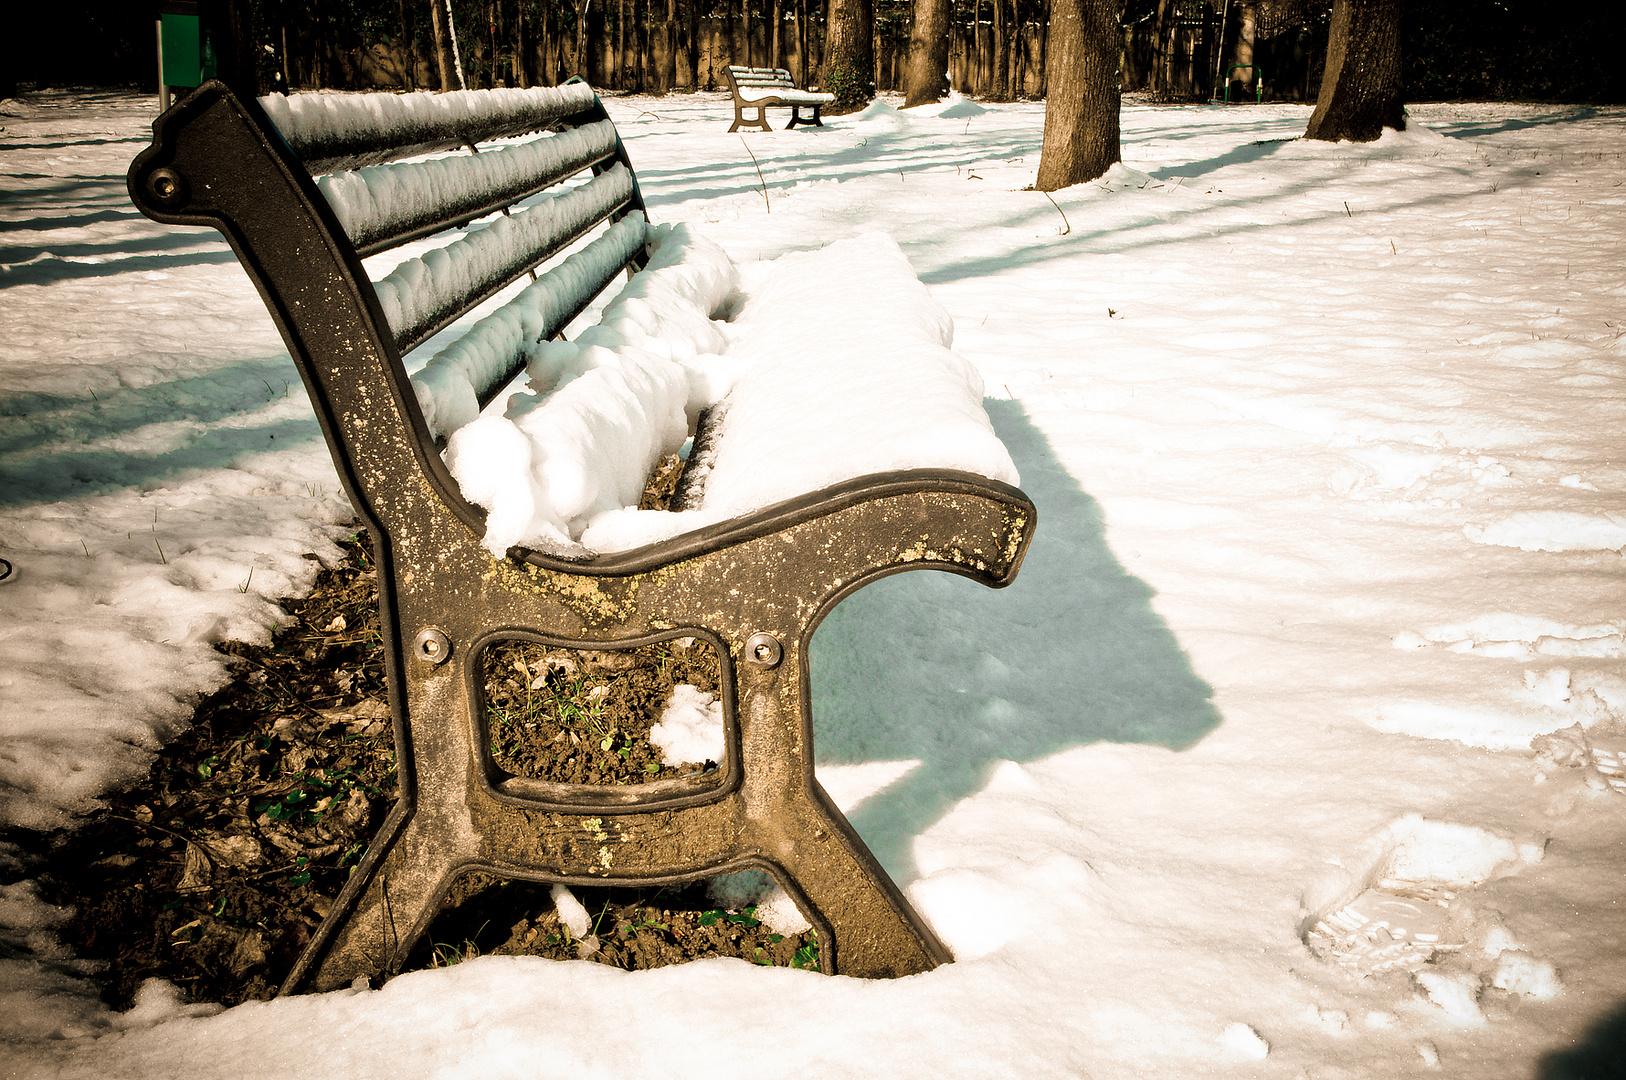 Al parco, d'inverno